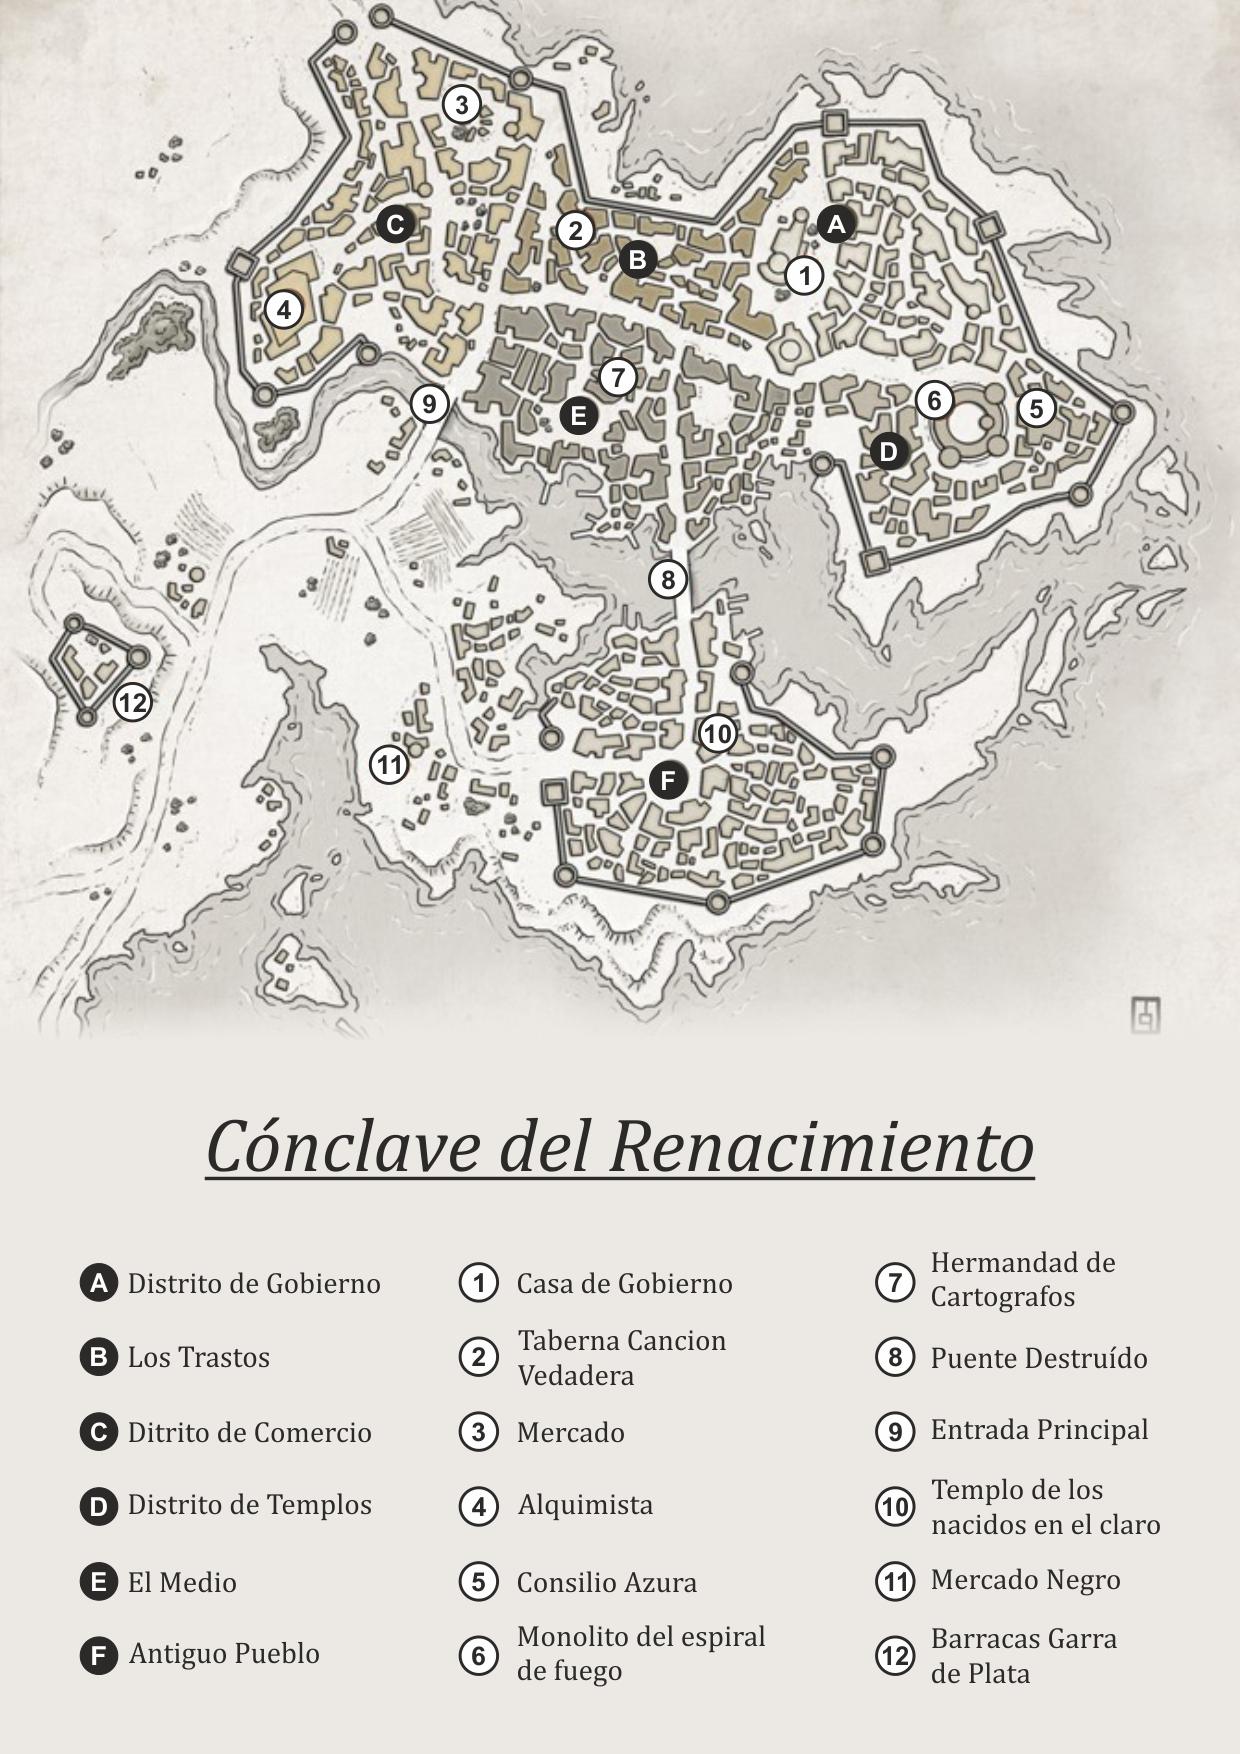 C_nclave_del_Renacimiento_Completo.jpg